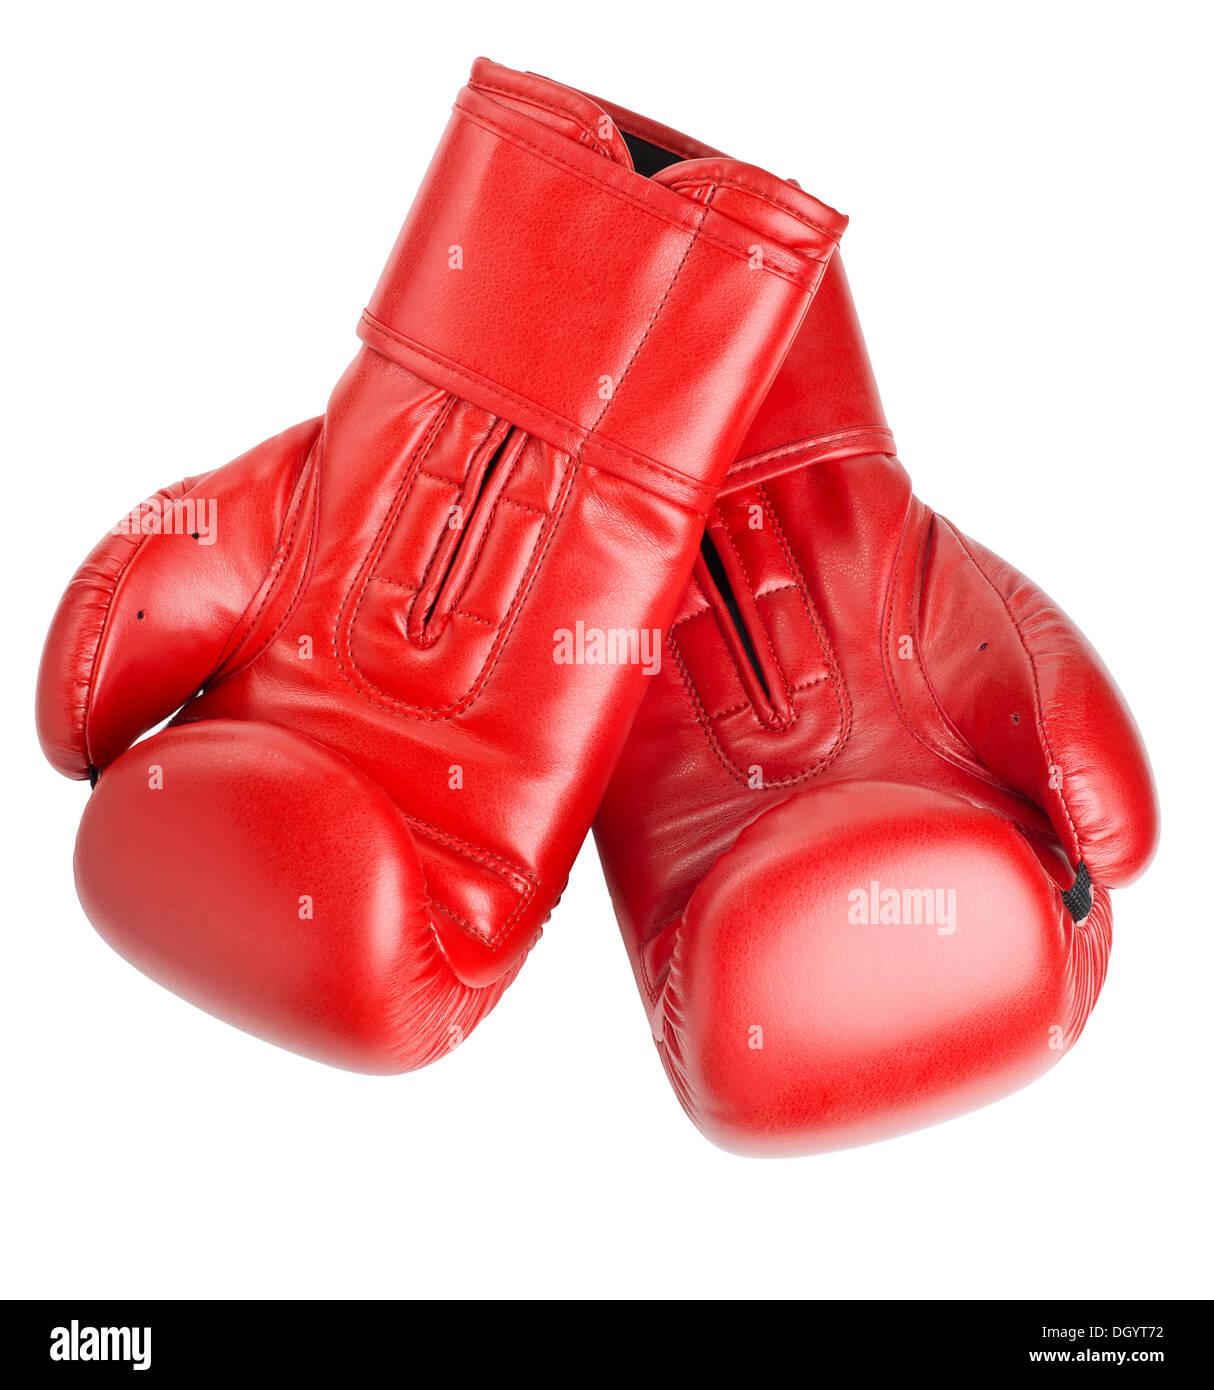 Cuoio rosso guantoni da pugilato isolati su sfondo bianco Immagini Stock